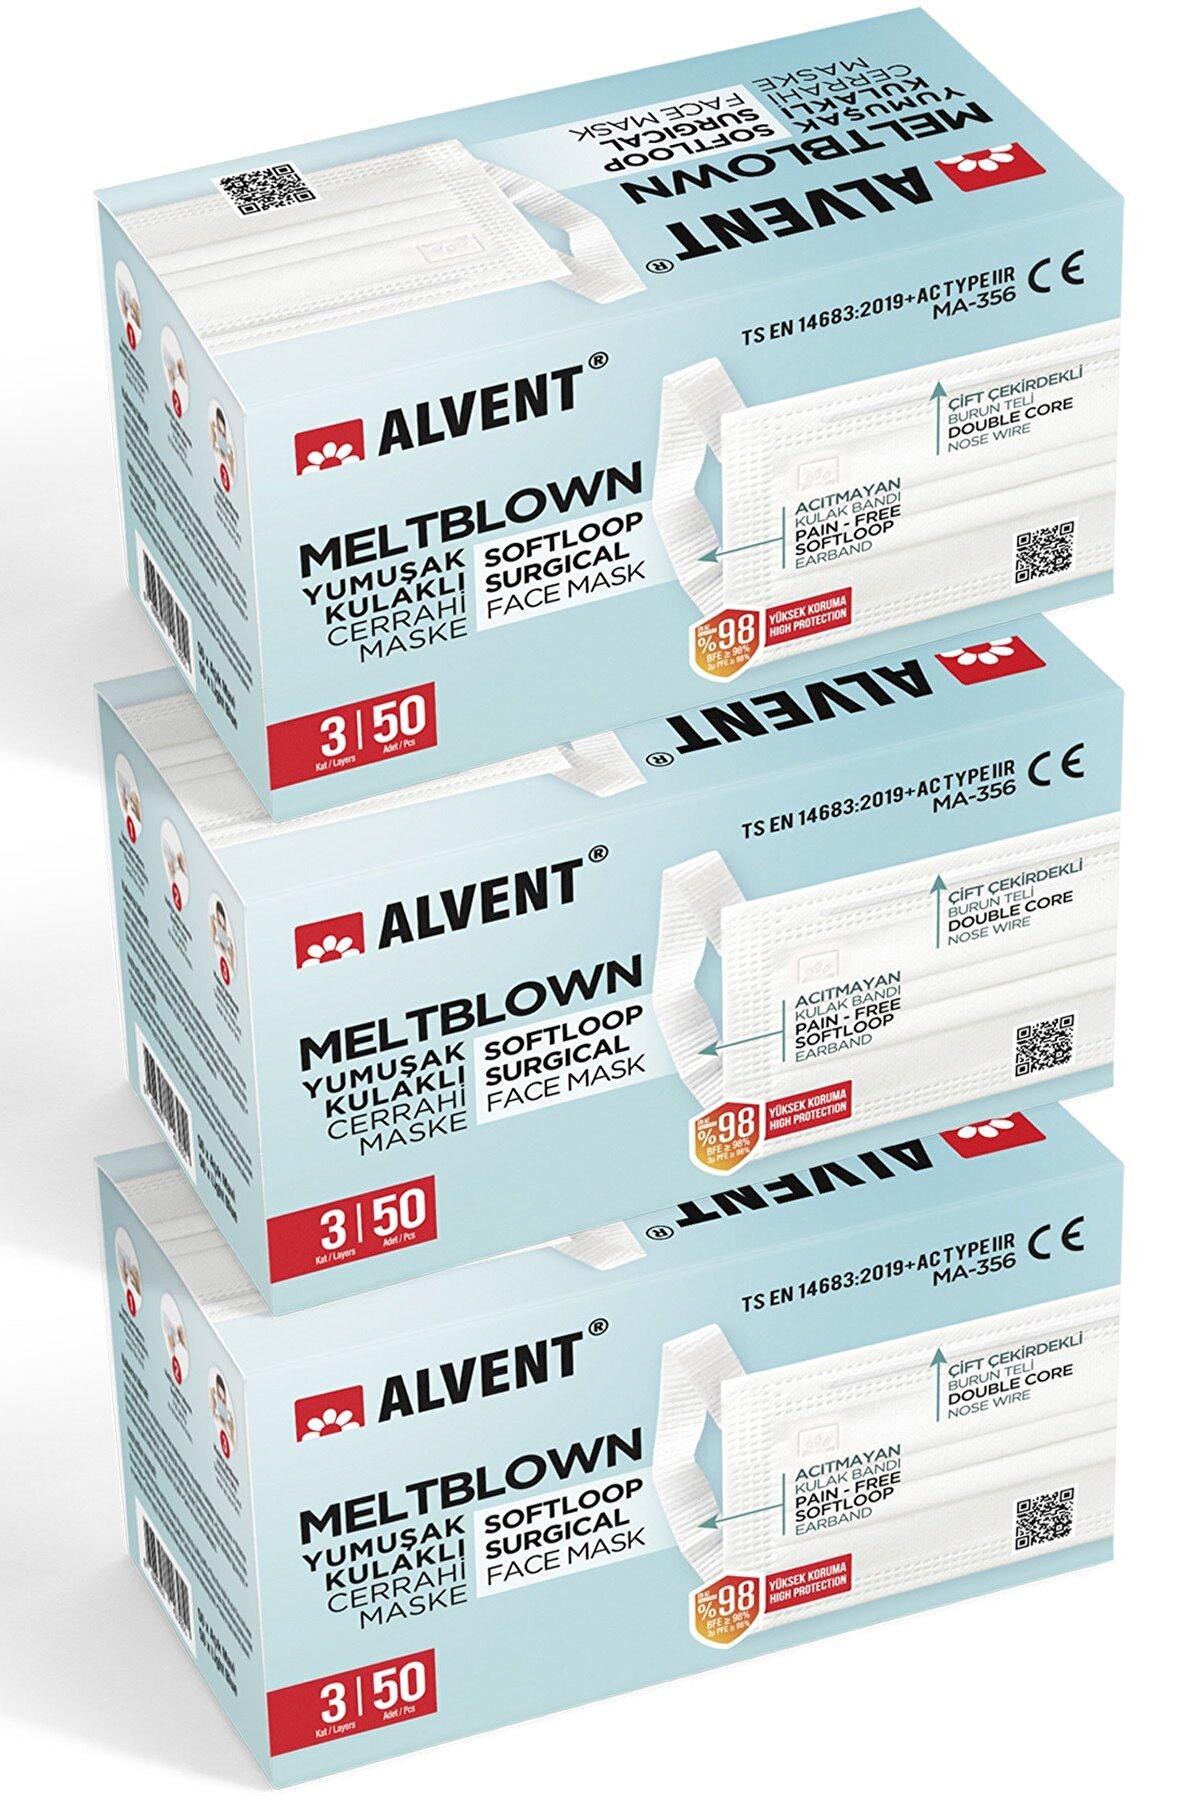 ALVENT Meltblown Maske 150 Adet-yumuşak Kulaklı-(en Az %98 Koruma - Sertifikalı)-tıp2r - Beyaz